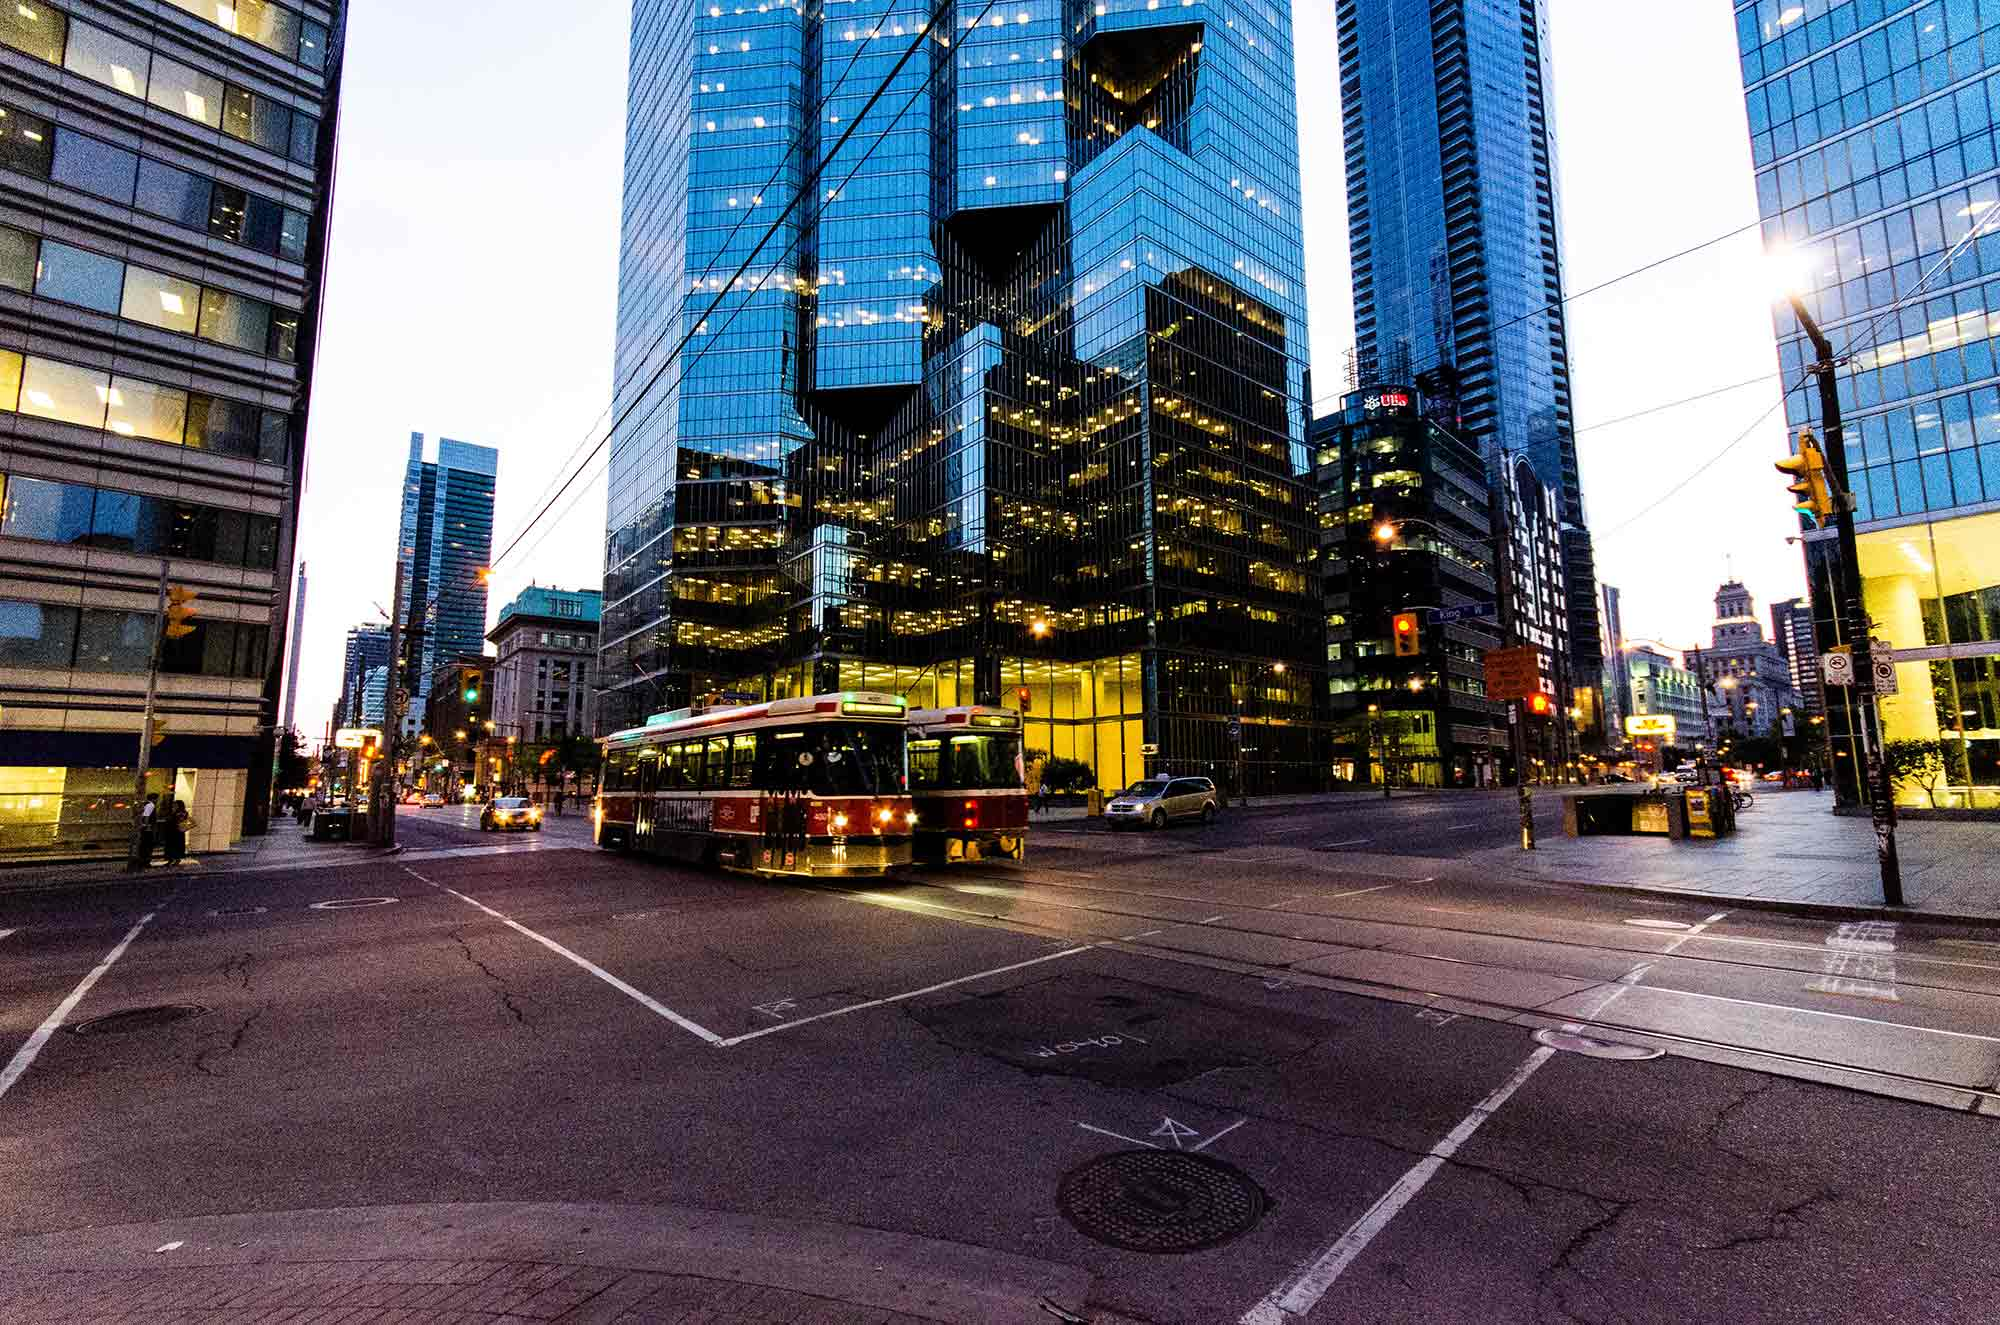 Le quartier des affaires, Toronto